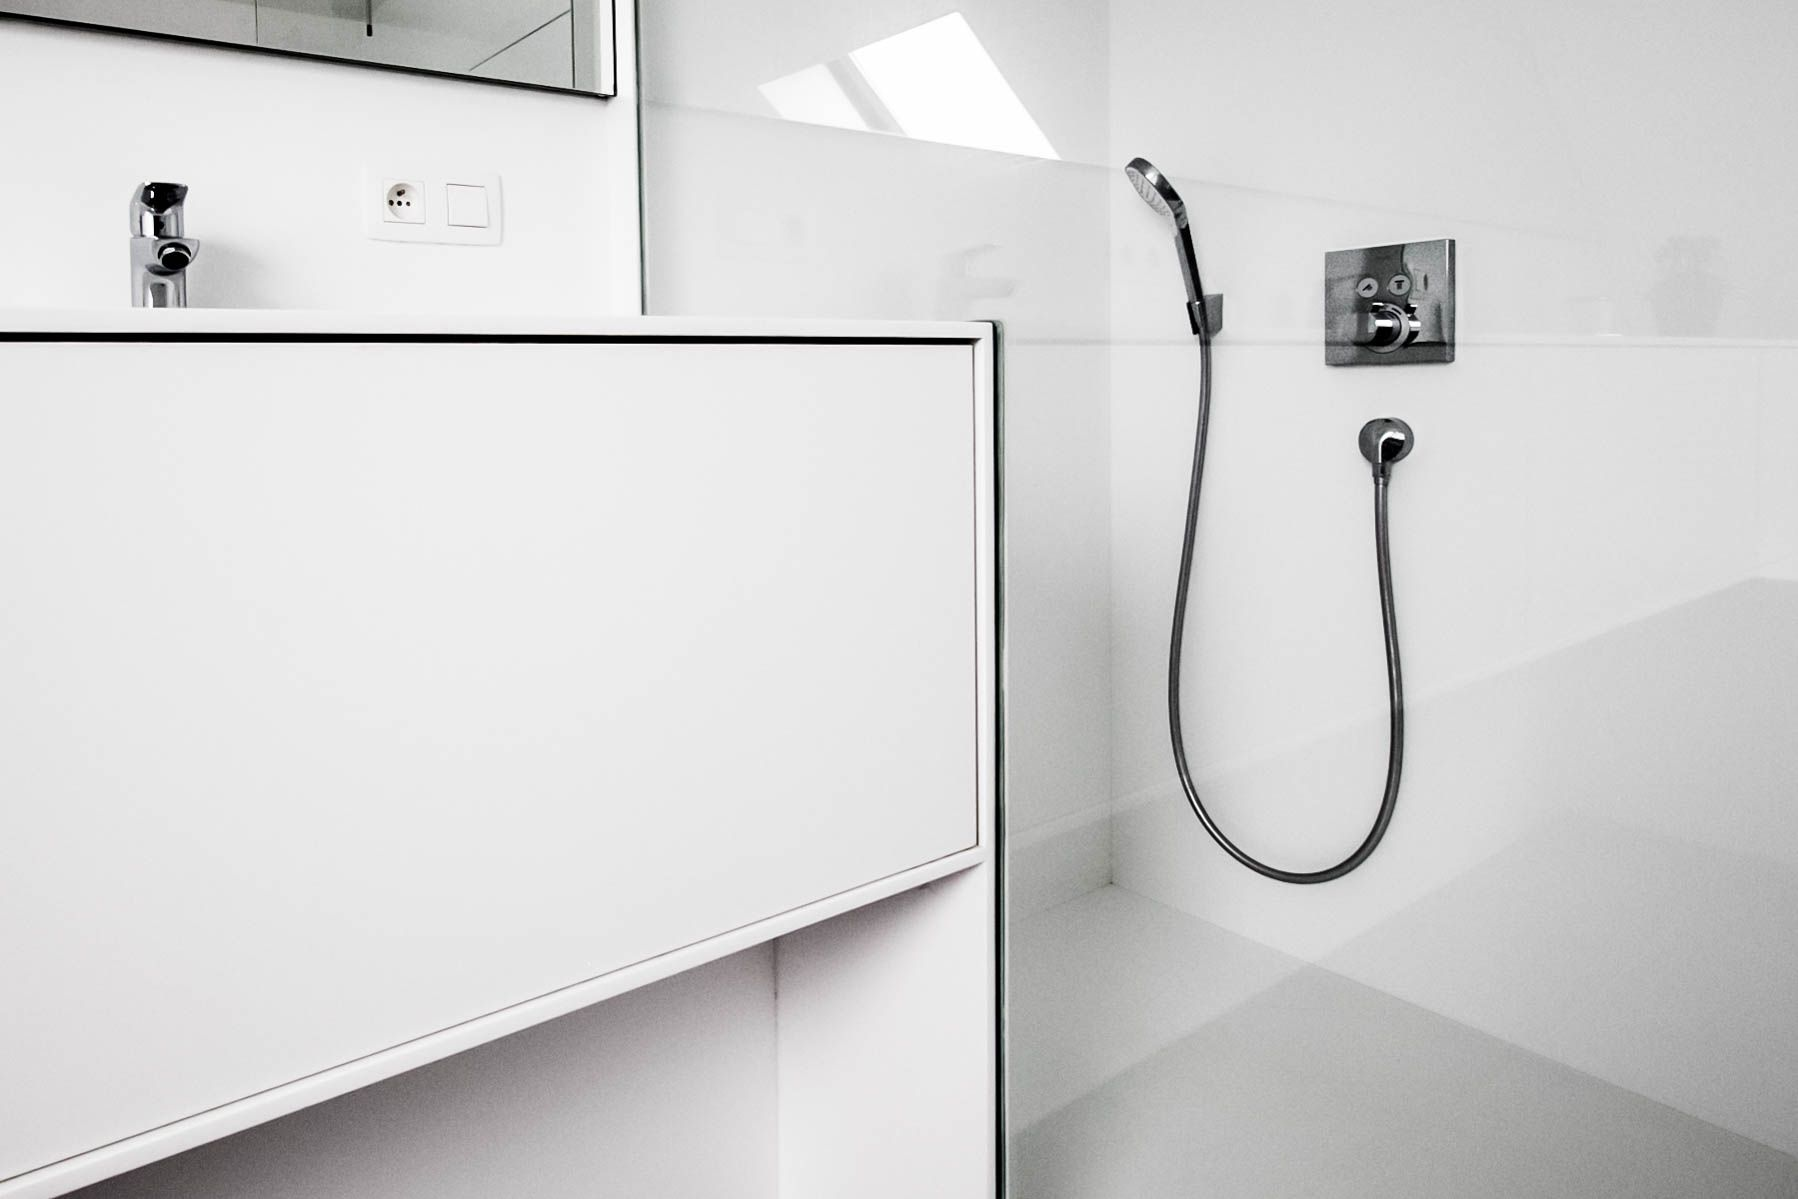 Inloopdouche Met Opzetwastafel : Badkamer moderne badkamer badkamermeubel inloopdouche douche